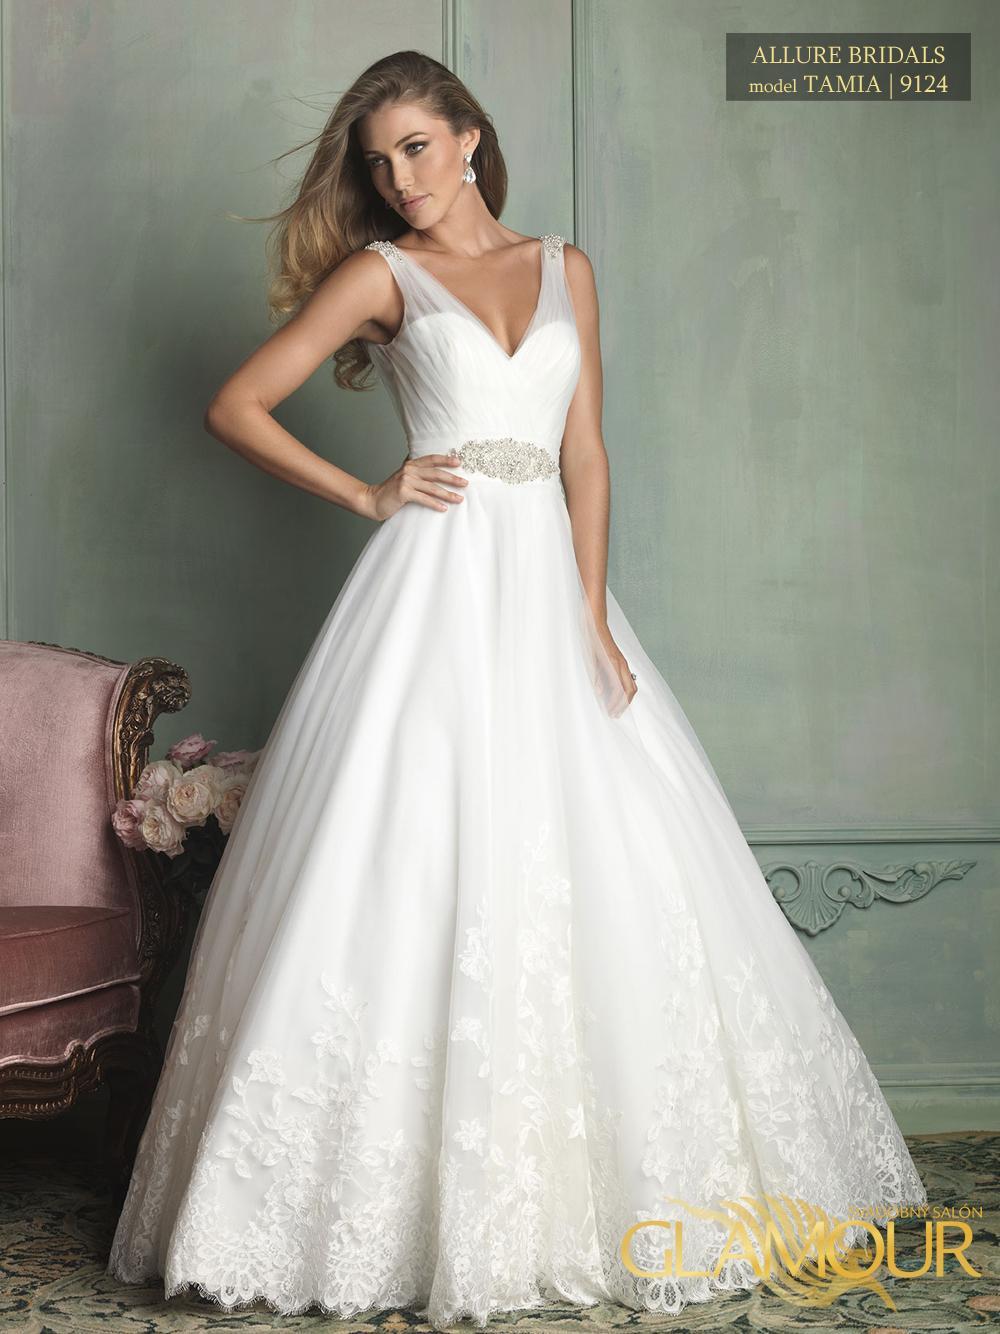 Nova kolekcia Allure Bridals 2014 - Allure Bridals model Tamia